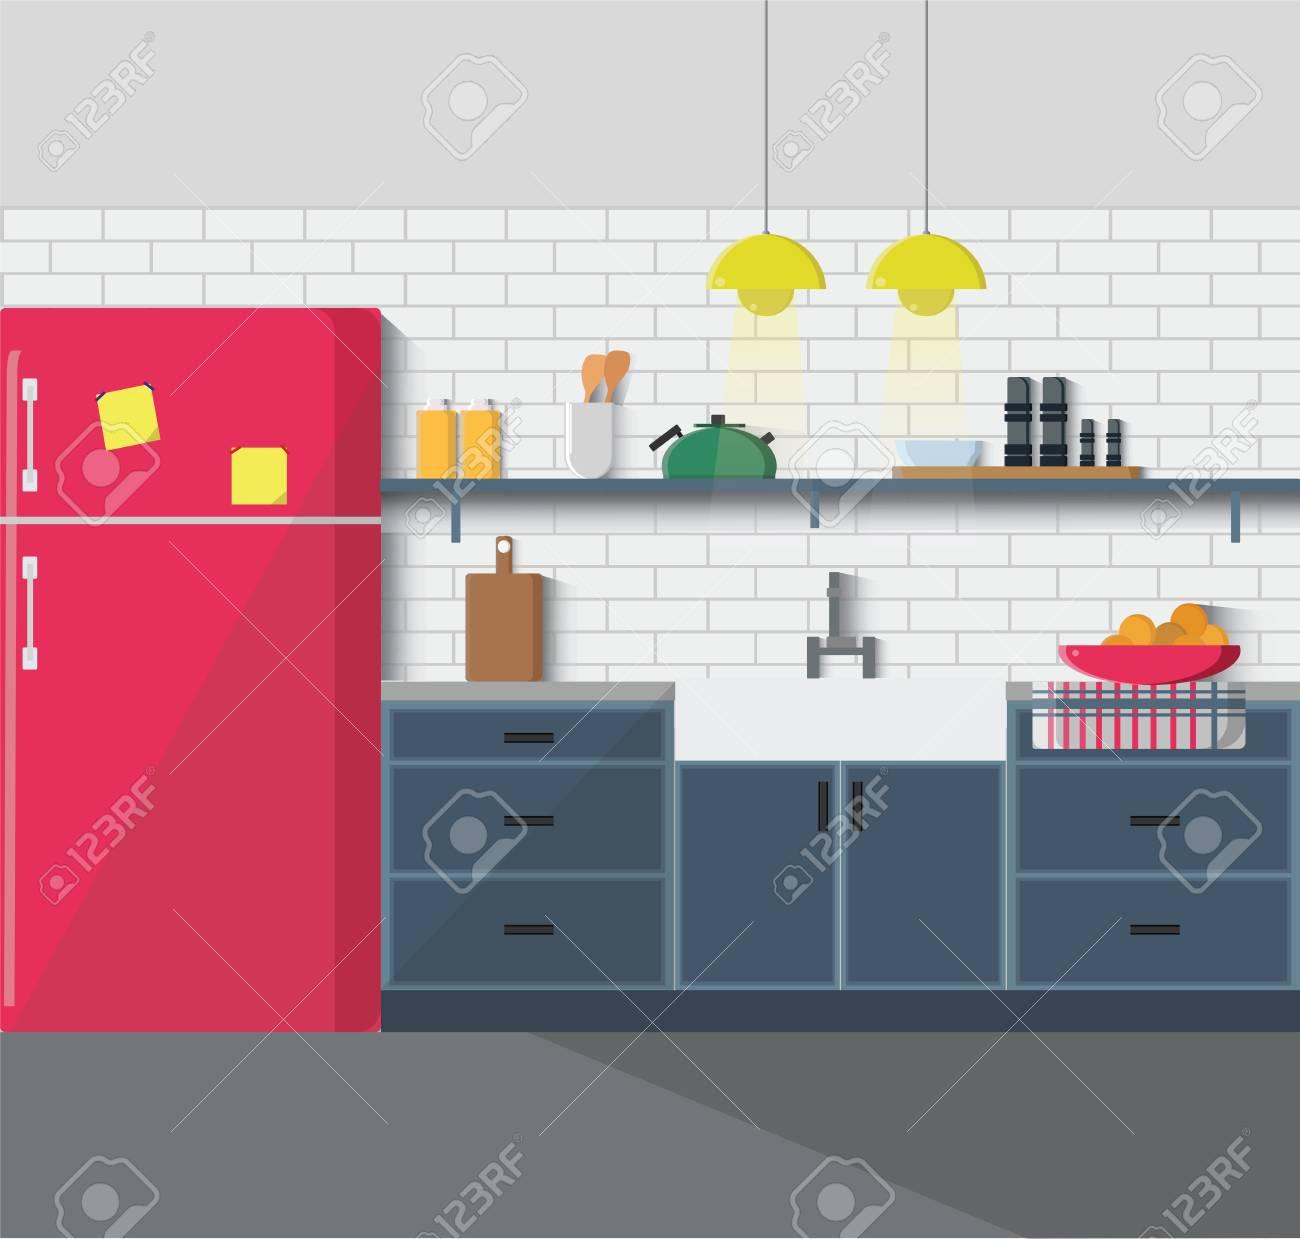 Küche Mit Möbeln. Gemütliche Küche Interieur Mit Tisch, Spüle ...